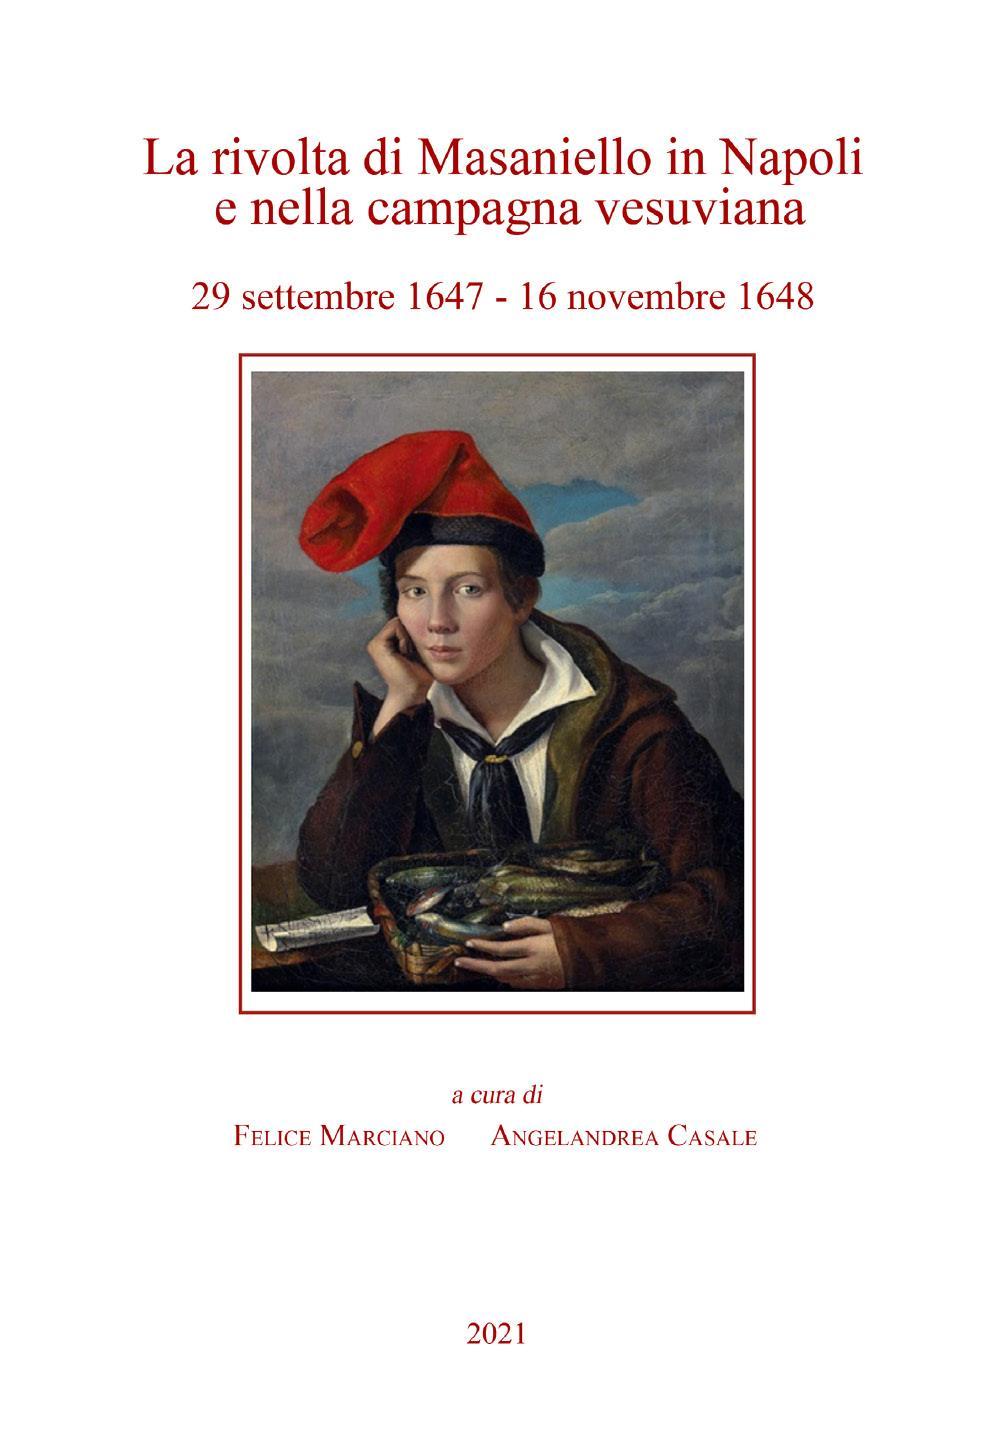 Rivolta di Masaniello in Napoli e nella campagna vesuviana